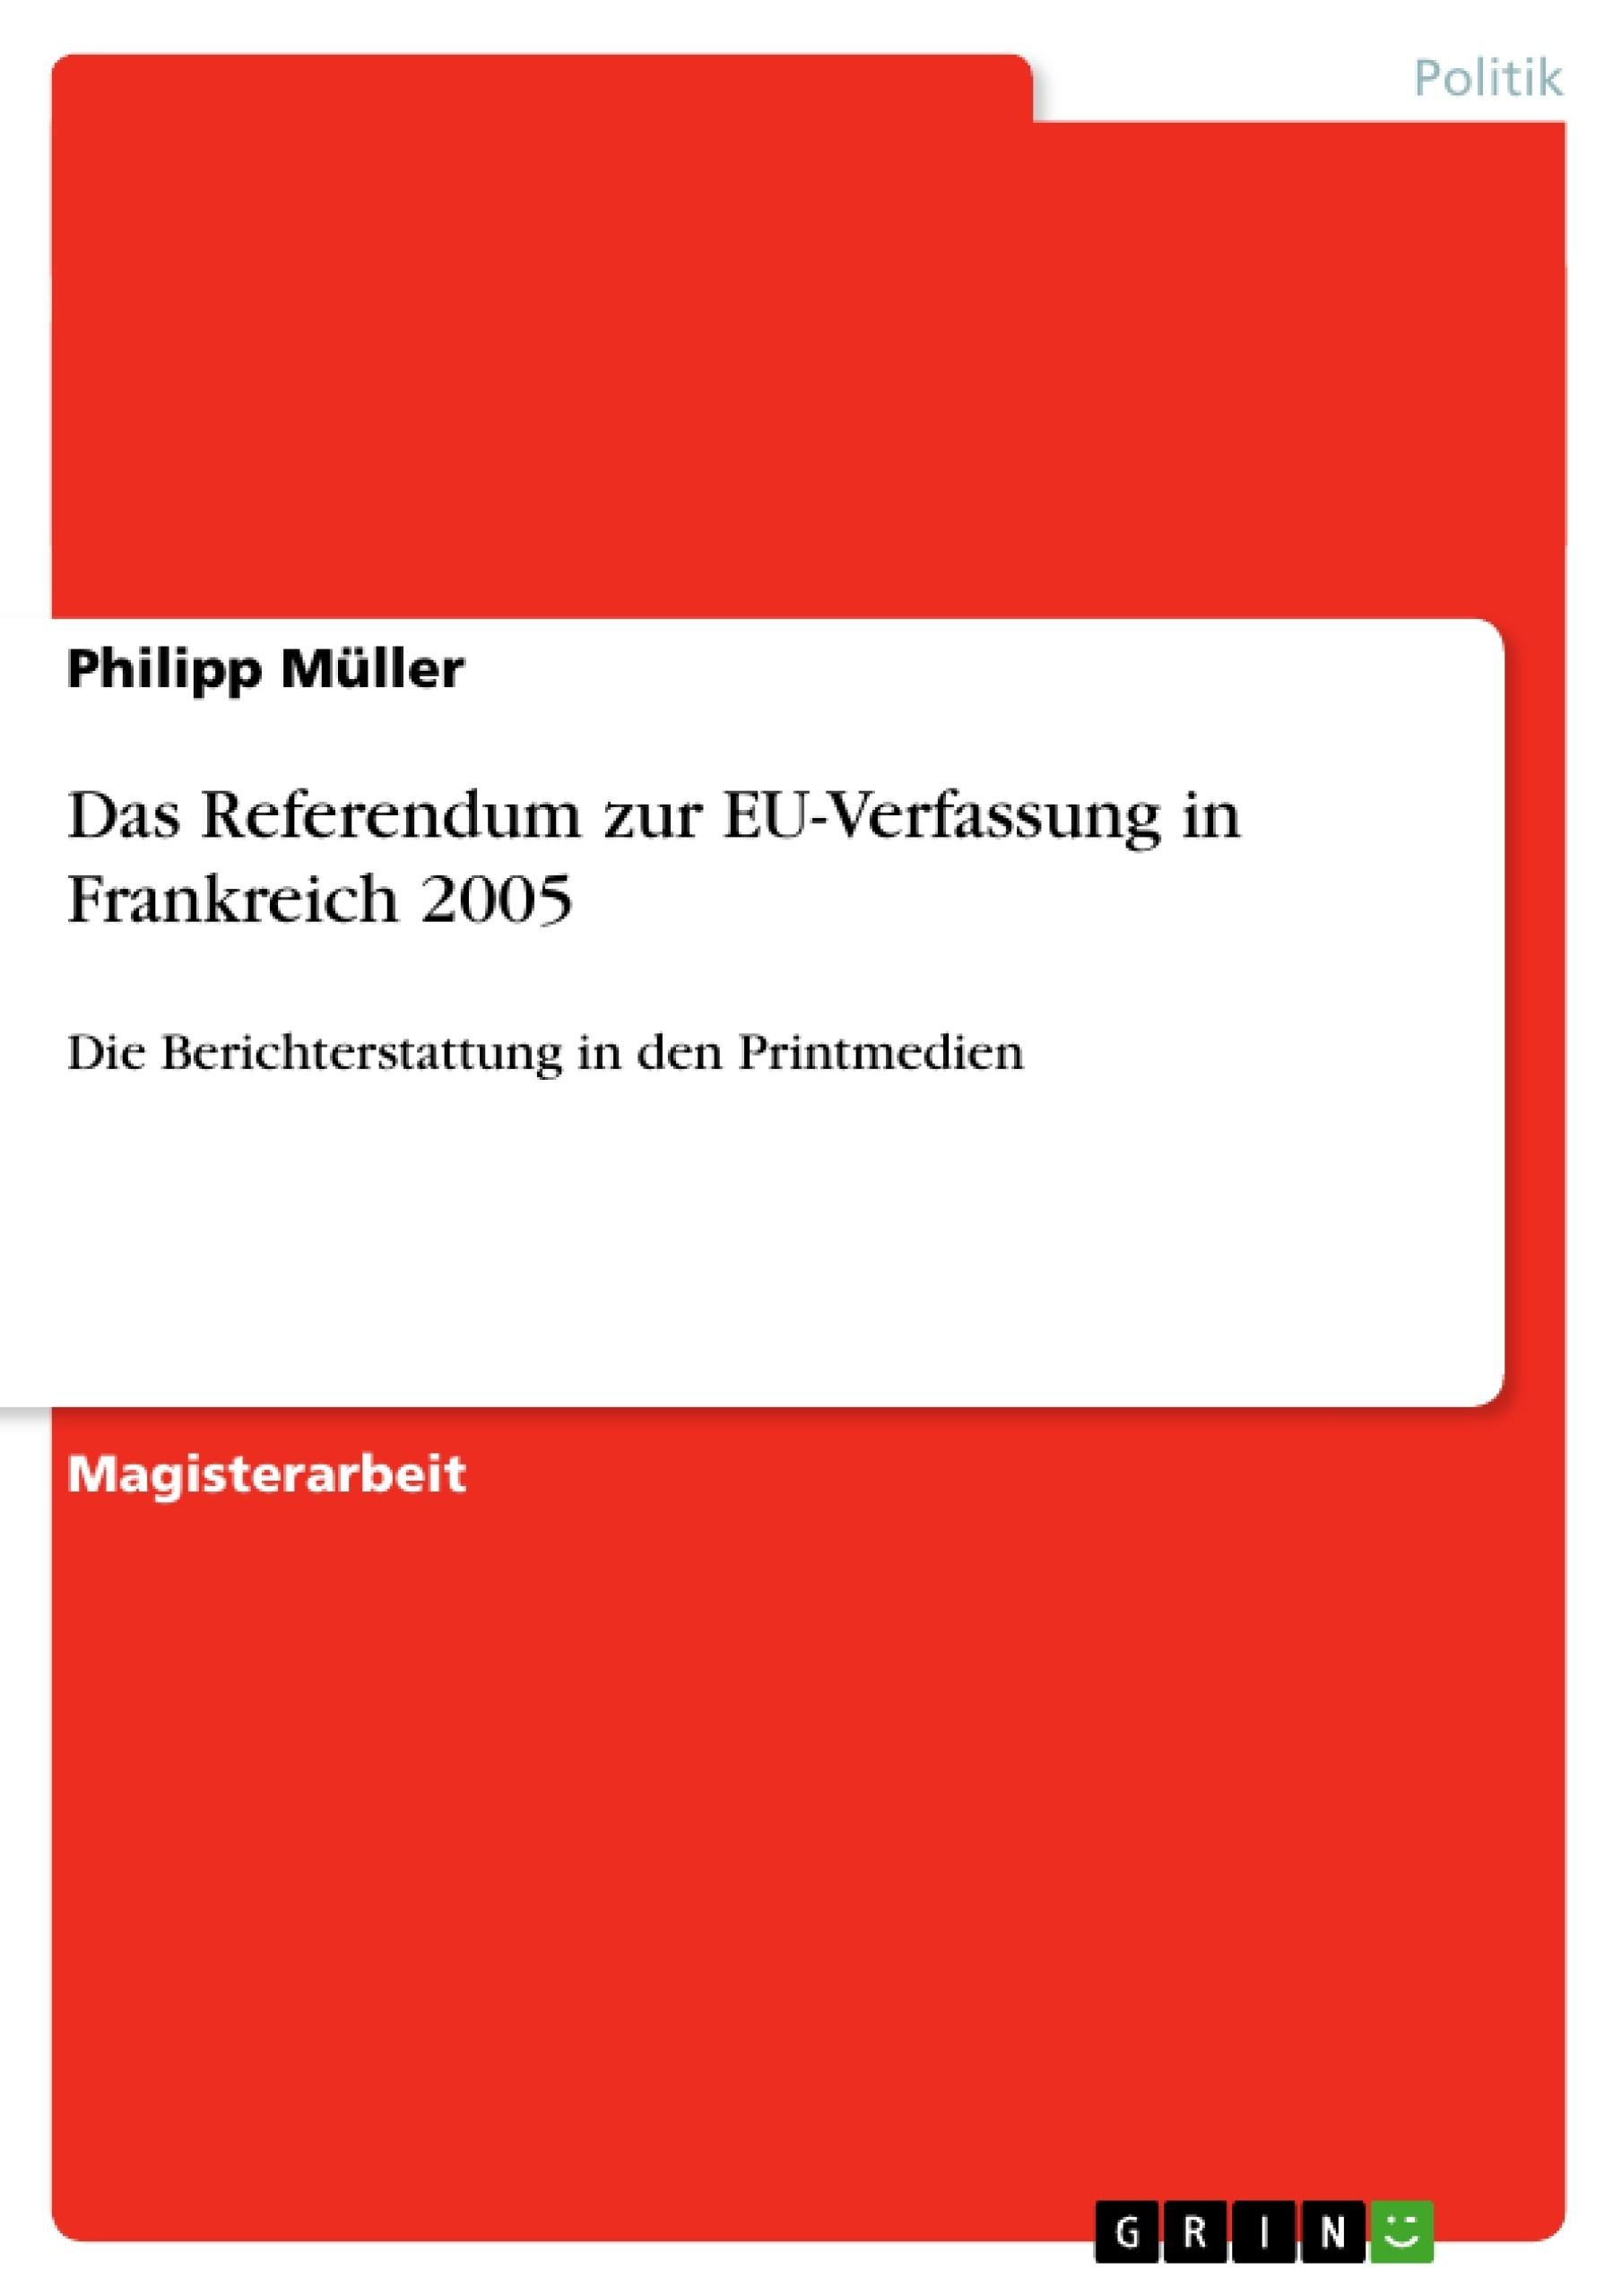 Titel: Das Referendum zur EU-Verfassung in Frankreich 2005